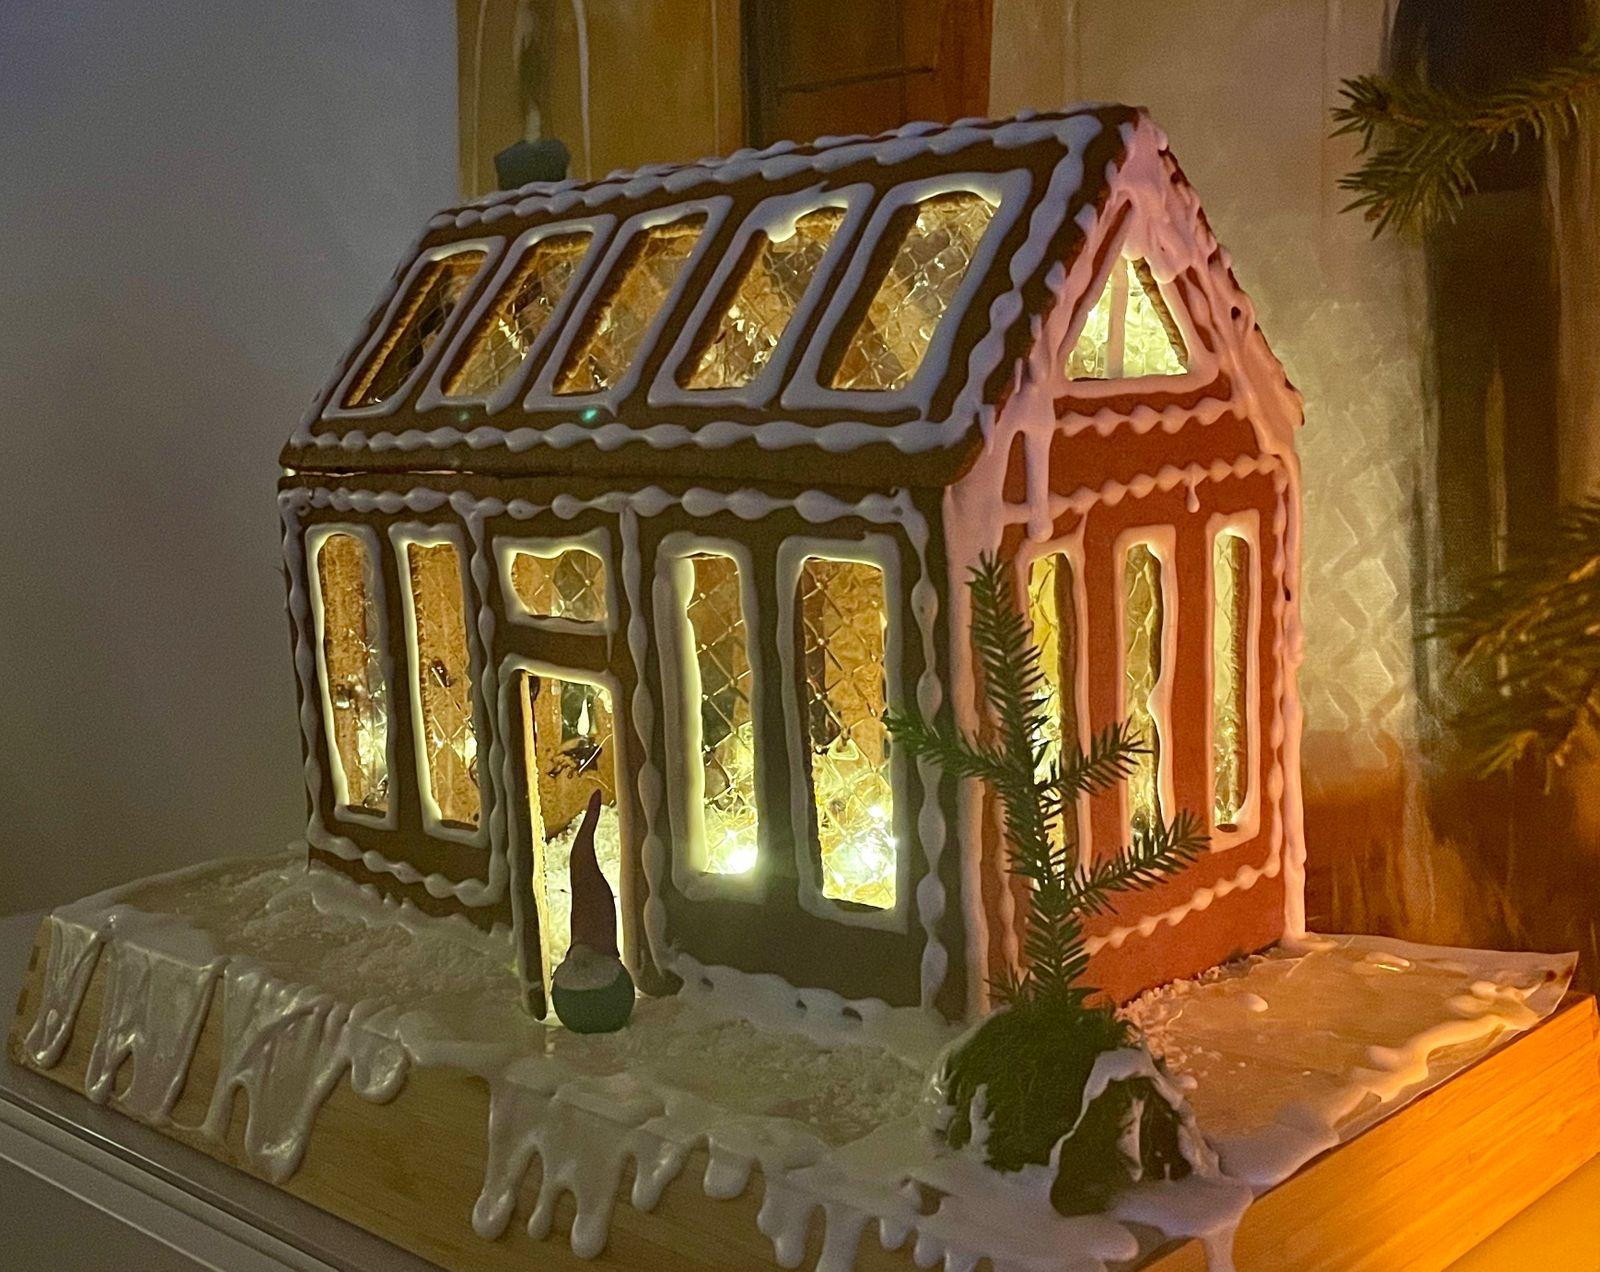 """""""I ett bra teamwork har arkitekten Lisa Petterström och jag mamma Marie Petterström byggt ett växthus till tomtemor"""", skriver Marie Petterström."""